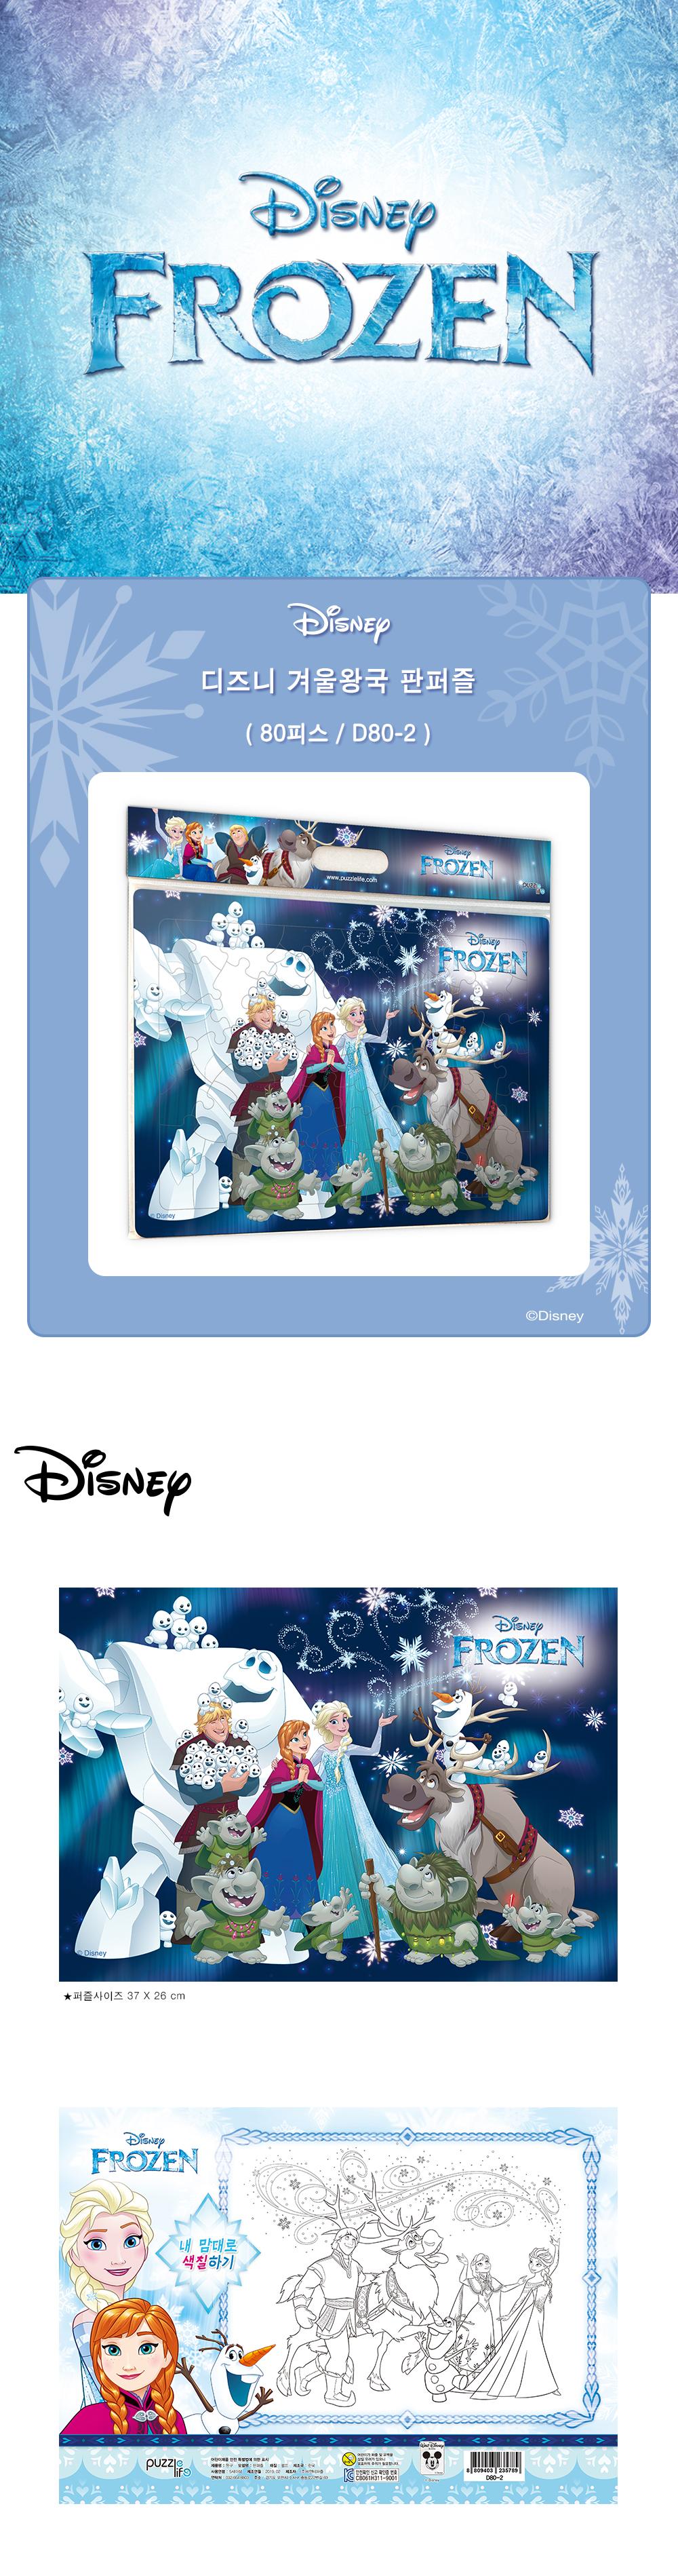 [Disney] 디즈니 겨울왕국 판퍼즐(80피스/D80-2) - 퍼즐라이프, 6,500원, 조각/퍼즐, 캐릭터 직소퍼즐